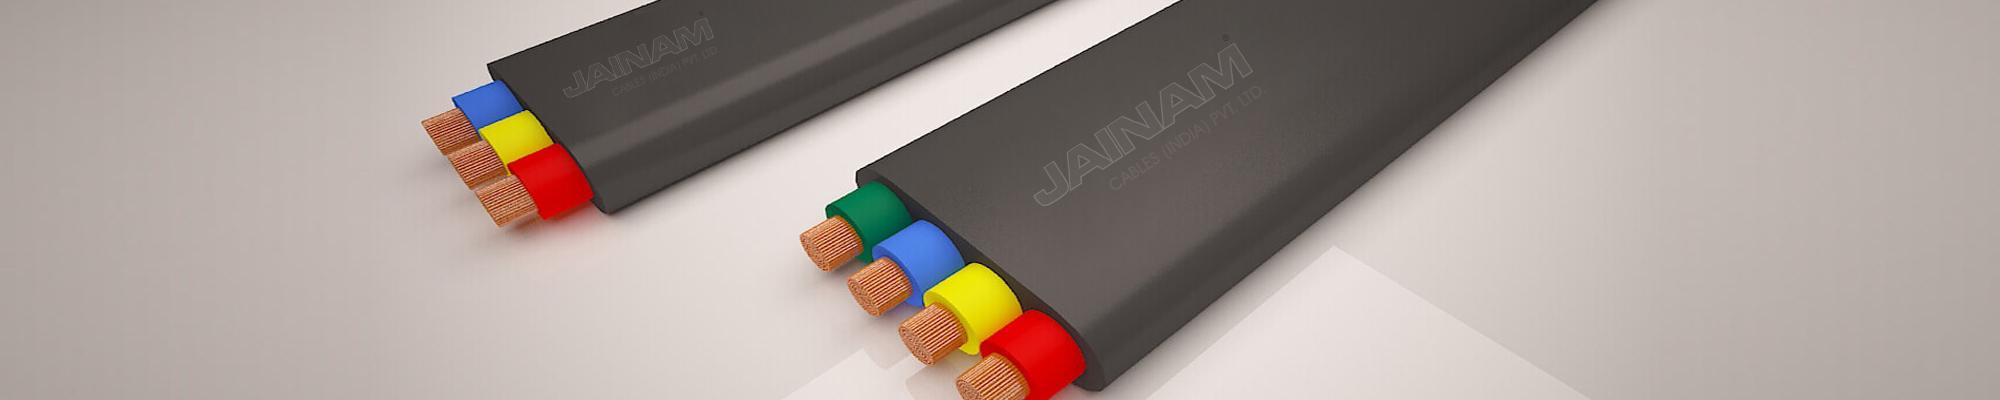 jainam1